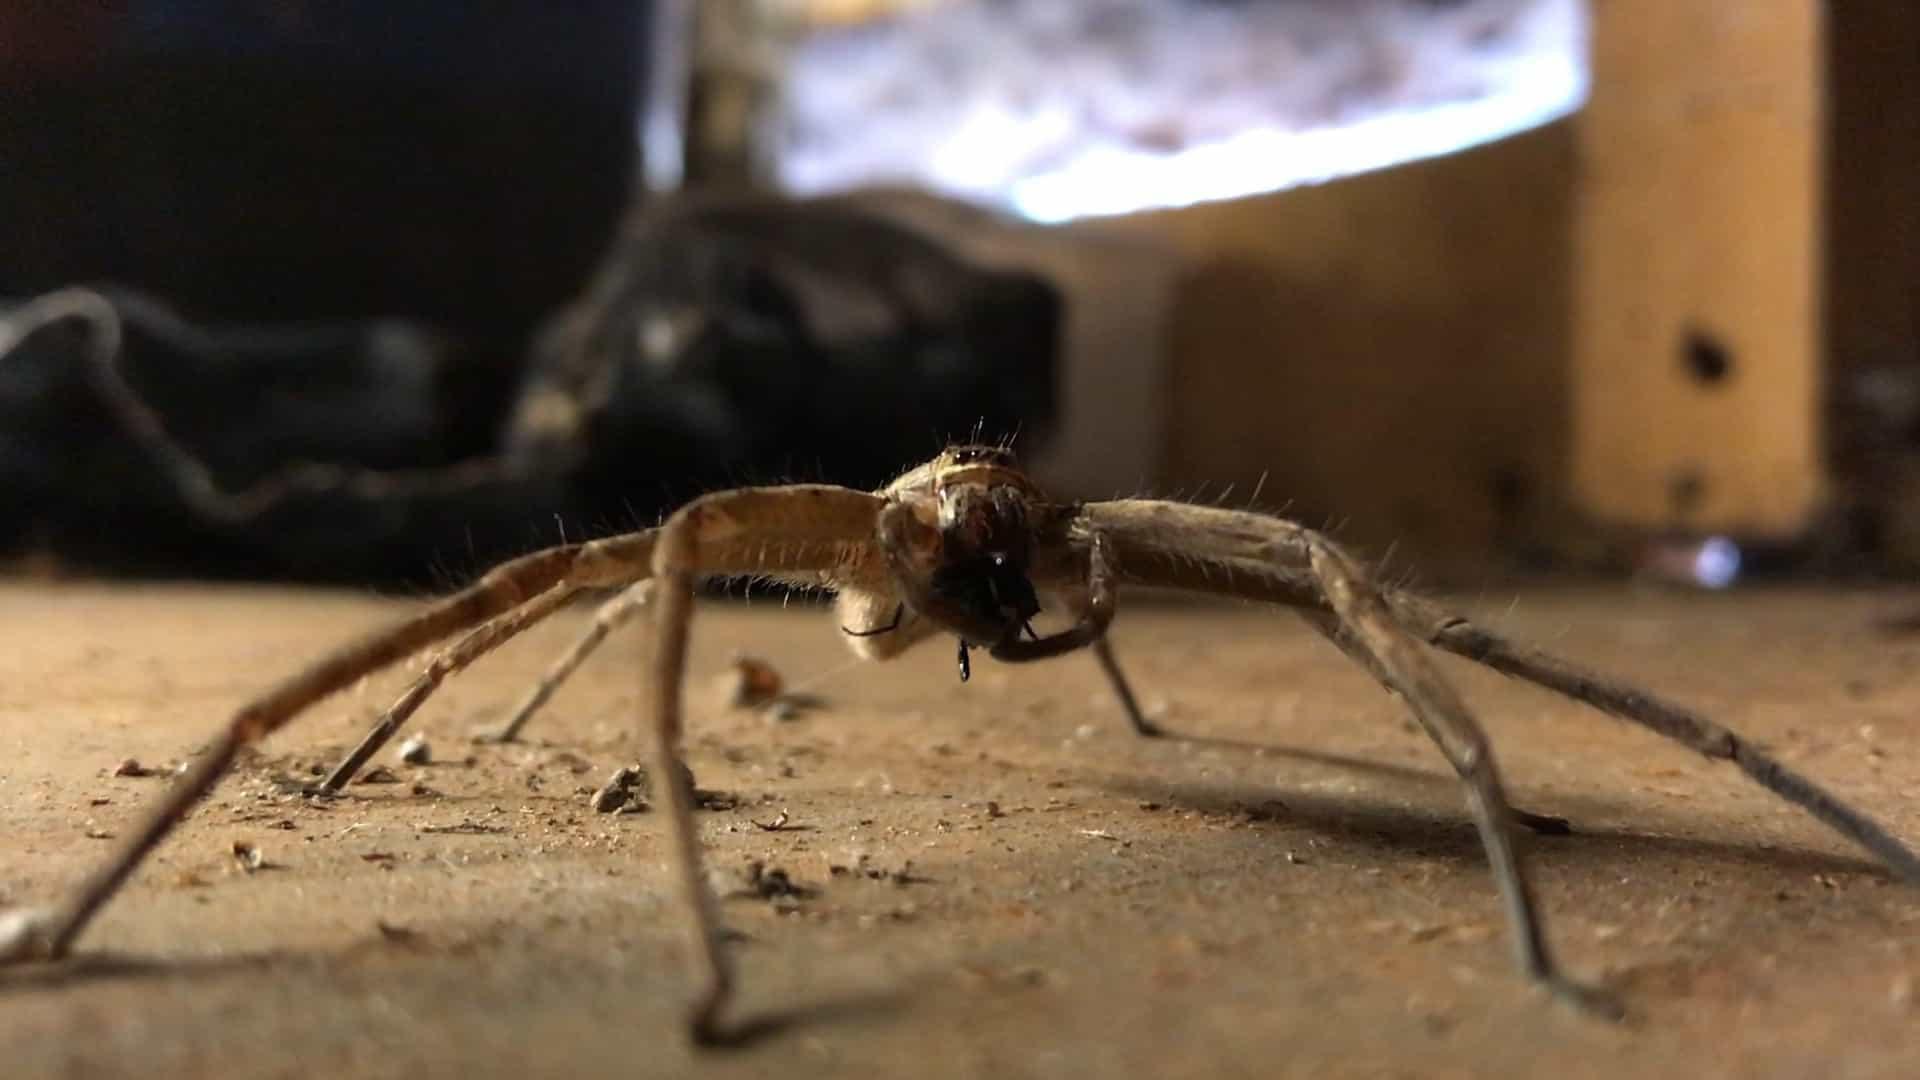 Já viu uma aranha fazendo a sua refeição?